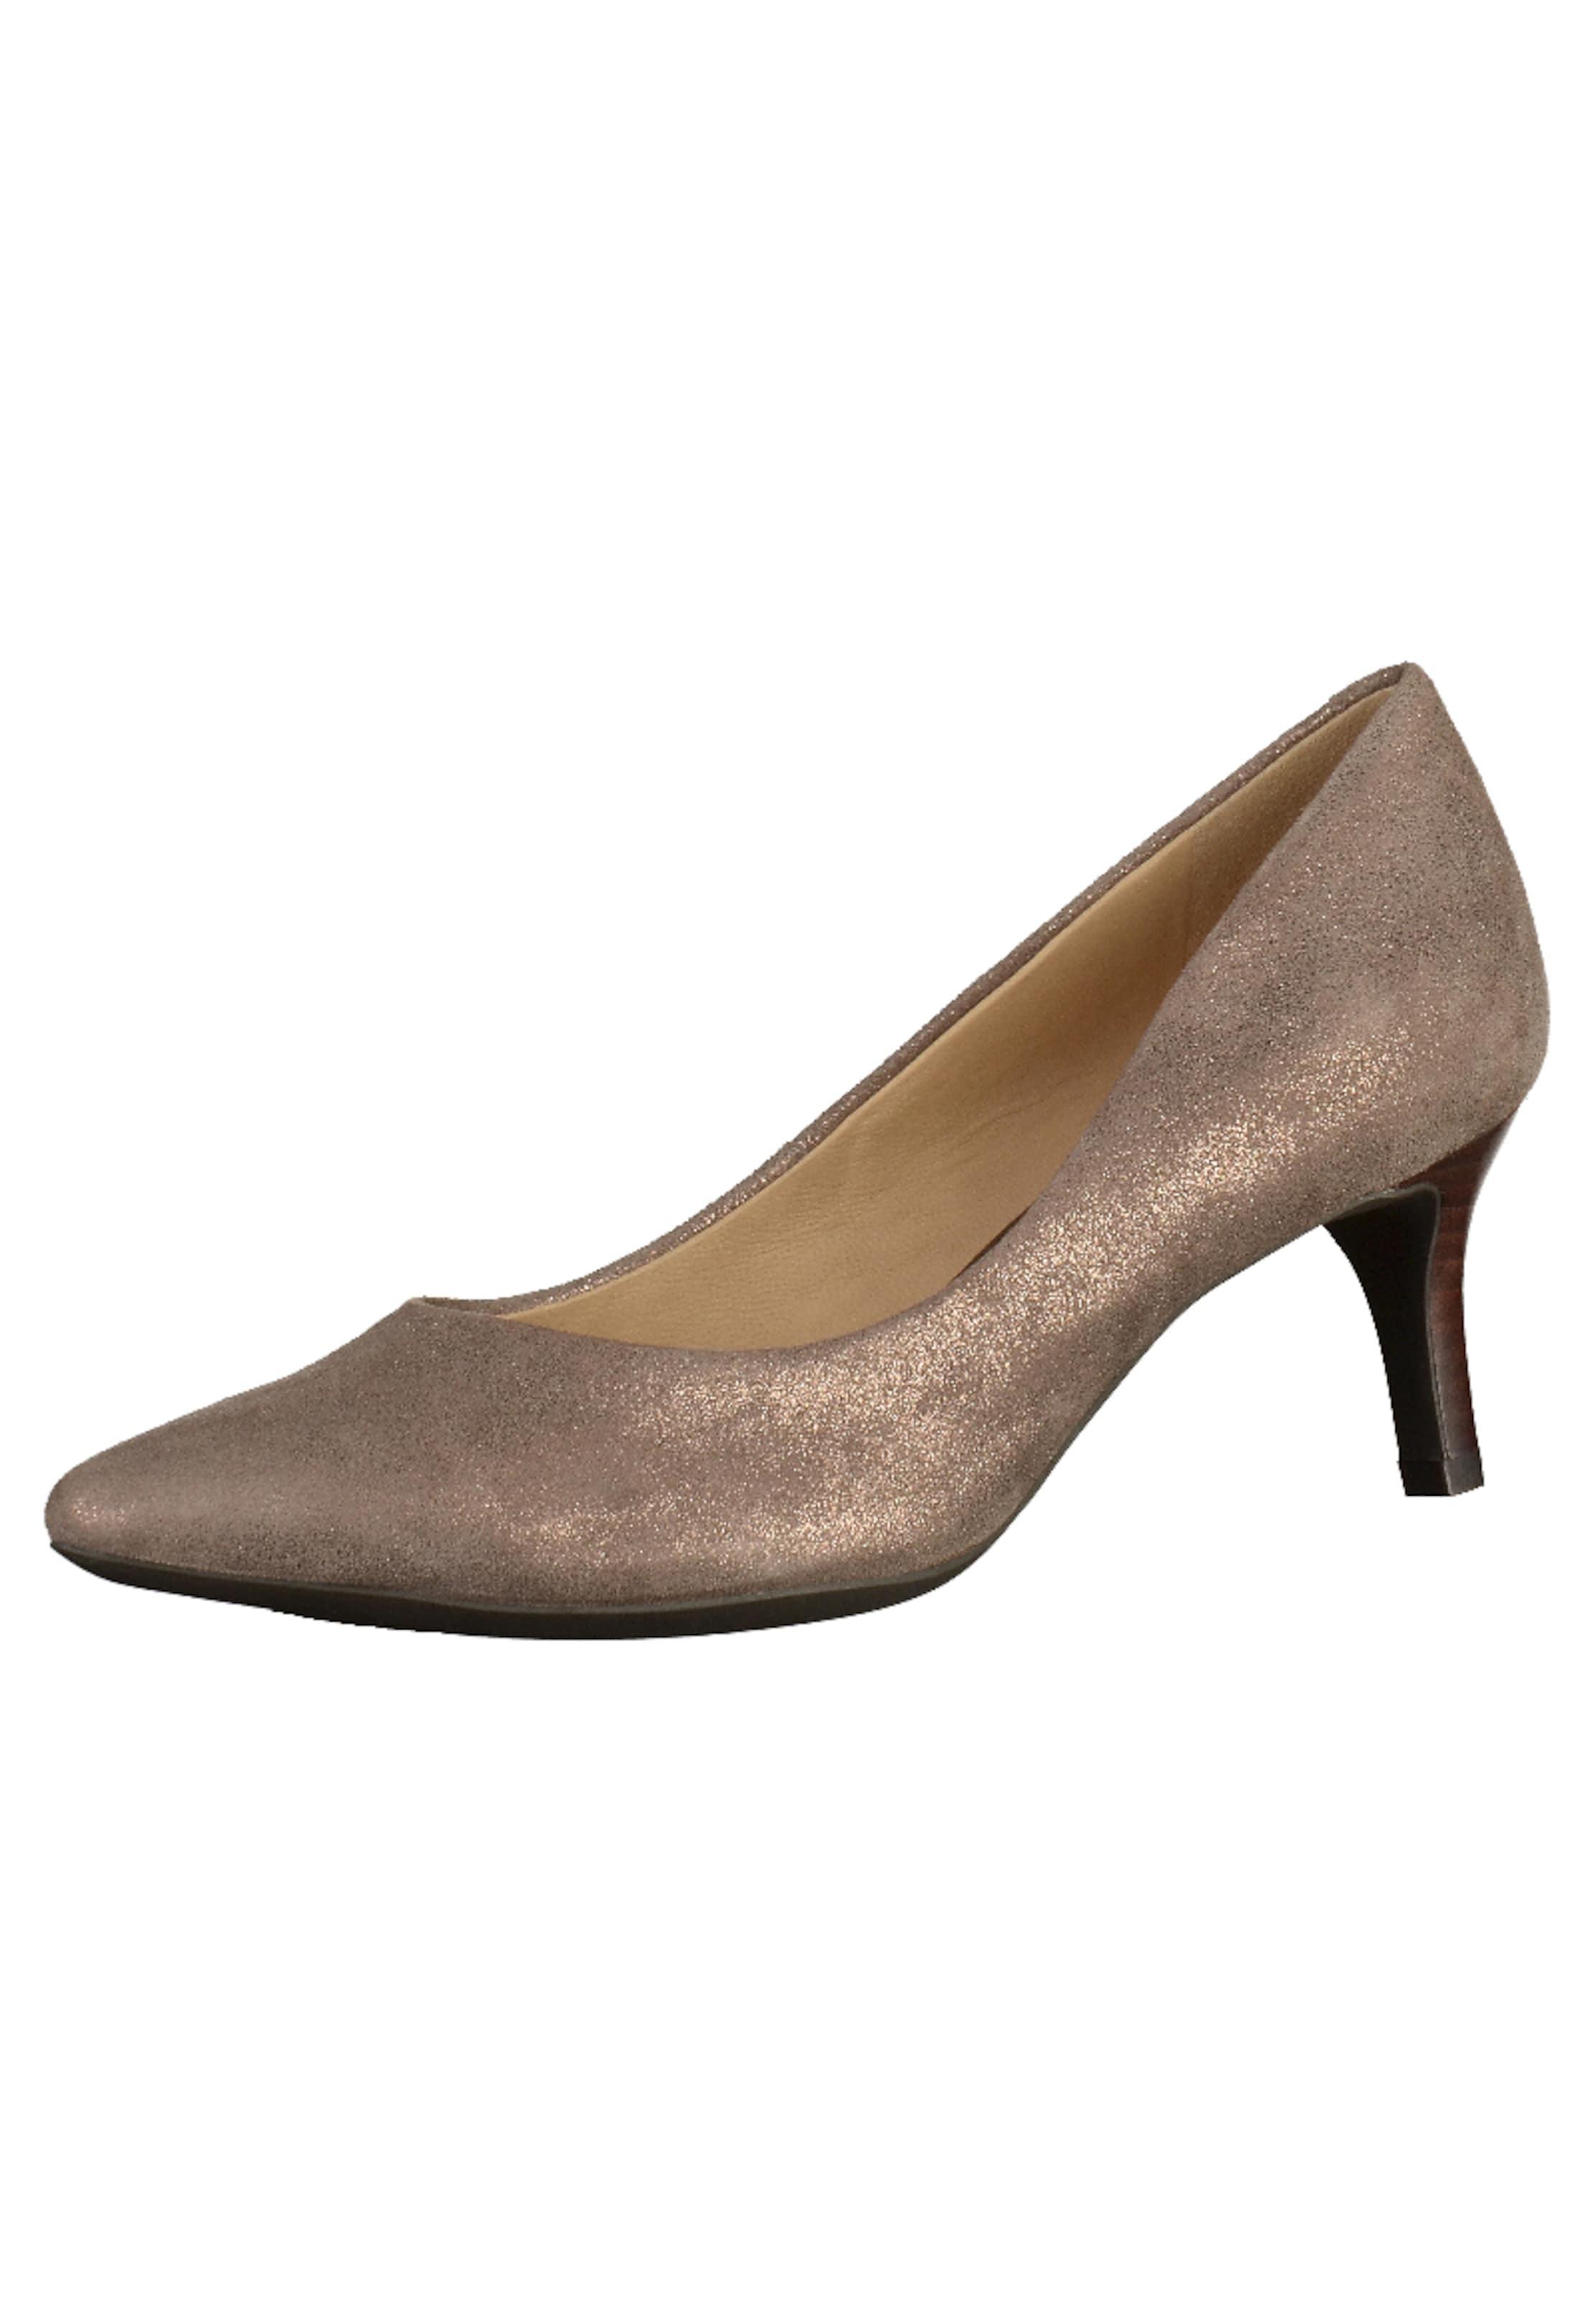 GEOX Pumps Günstige und langlebige Schuhe